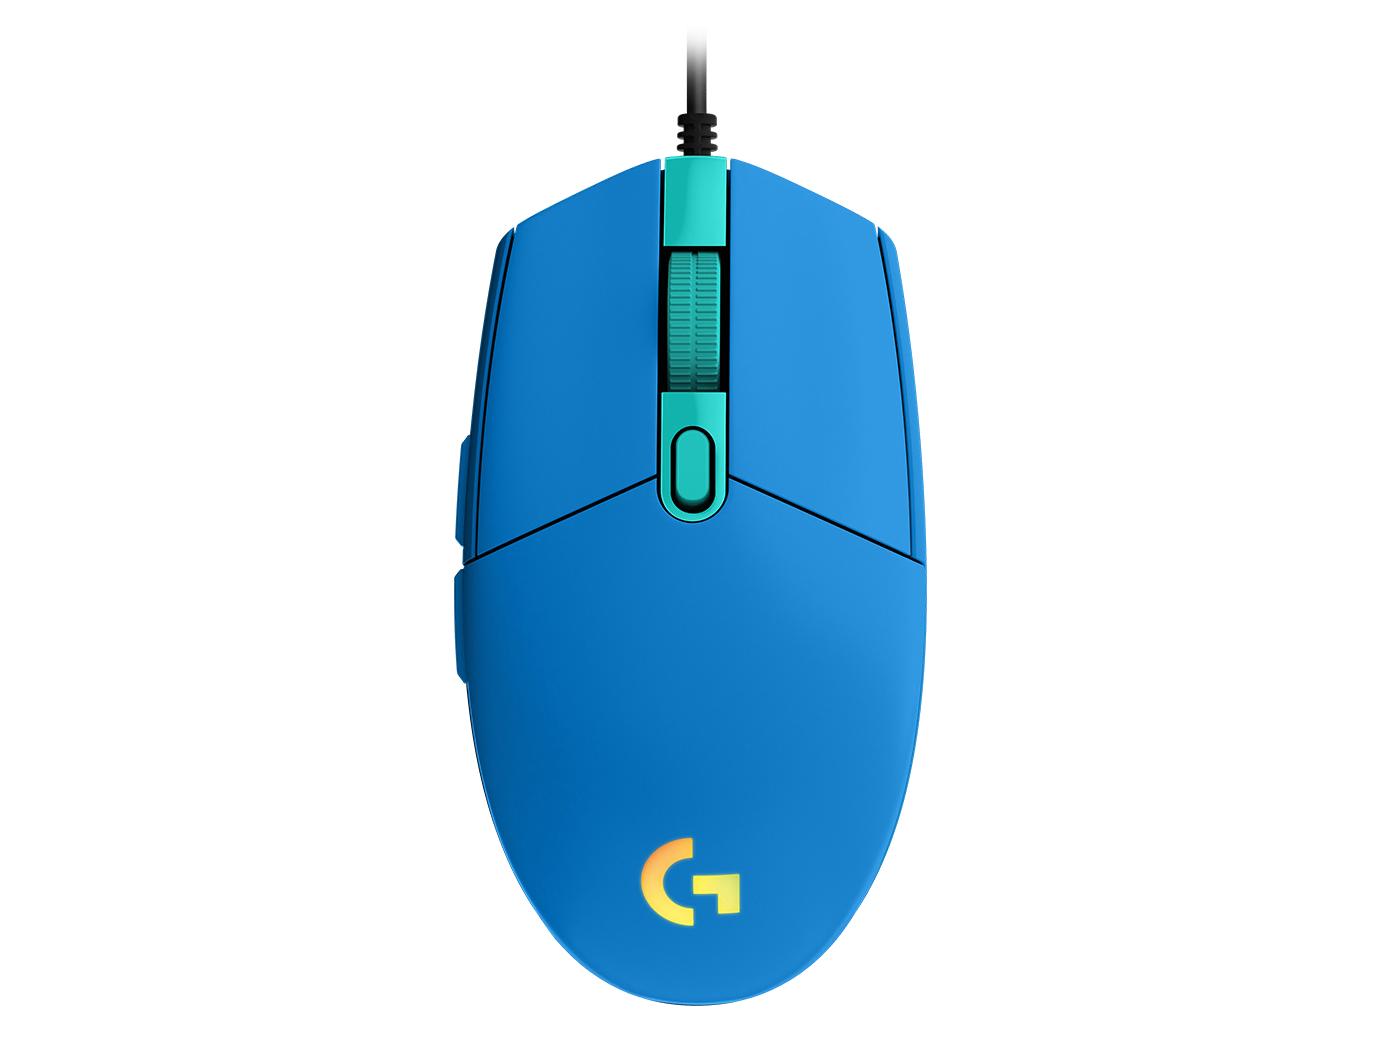 Геймърска мишка Logitech G102 LightSync, RGB, Оптична, Жична, USB, Син